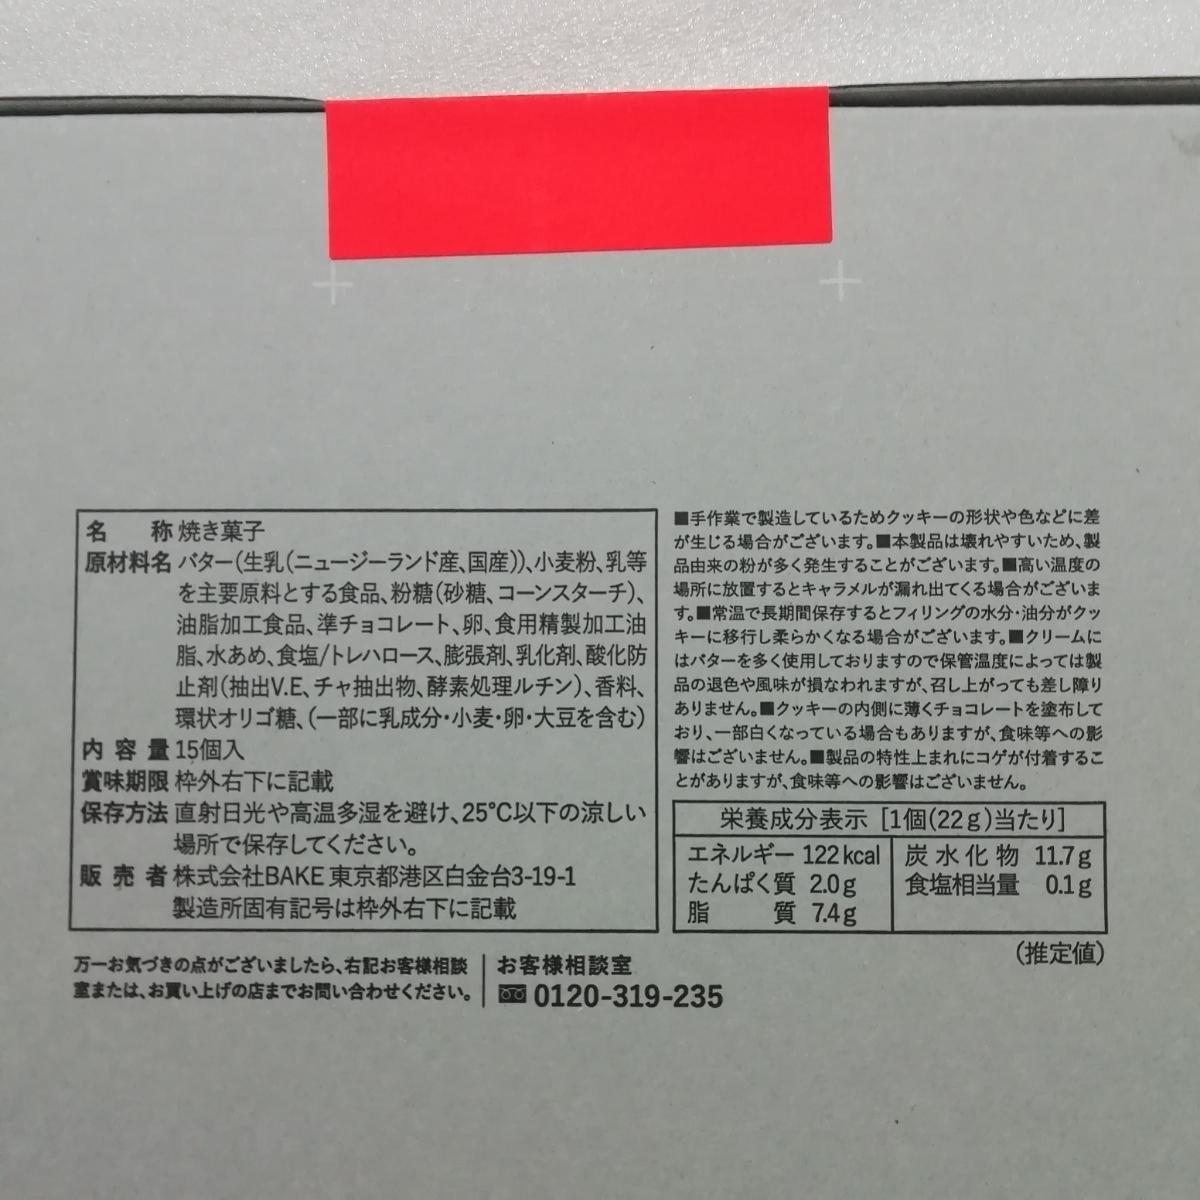 大人気 プレスバターサンド 15個 箱無し 送料無料_画像2